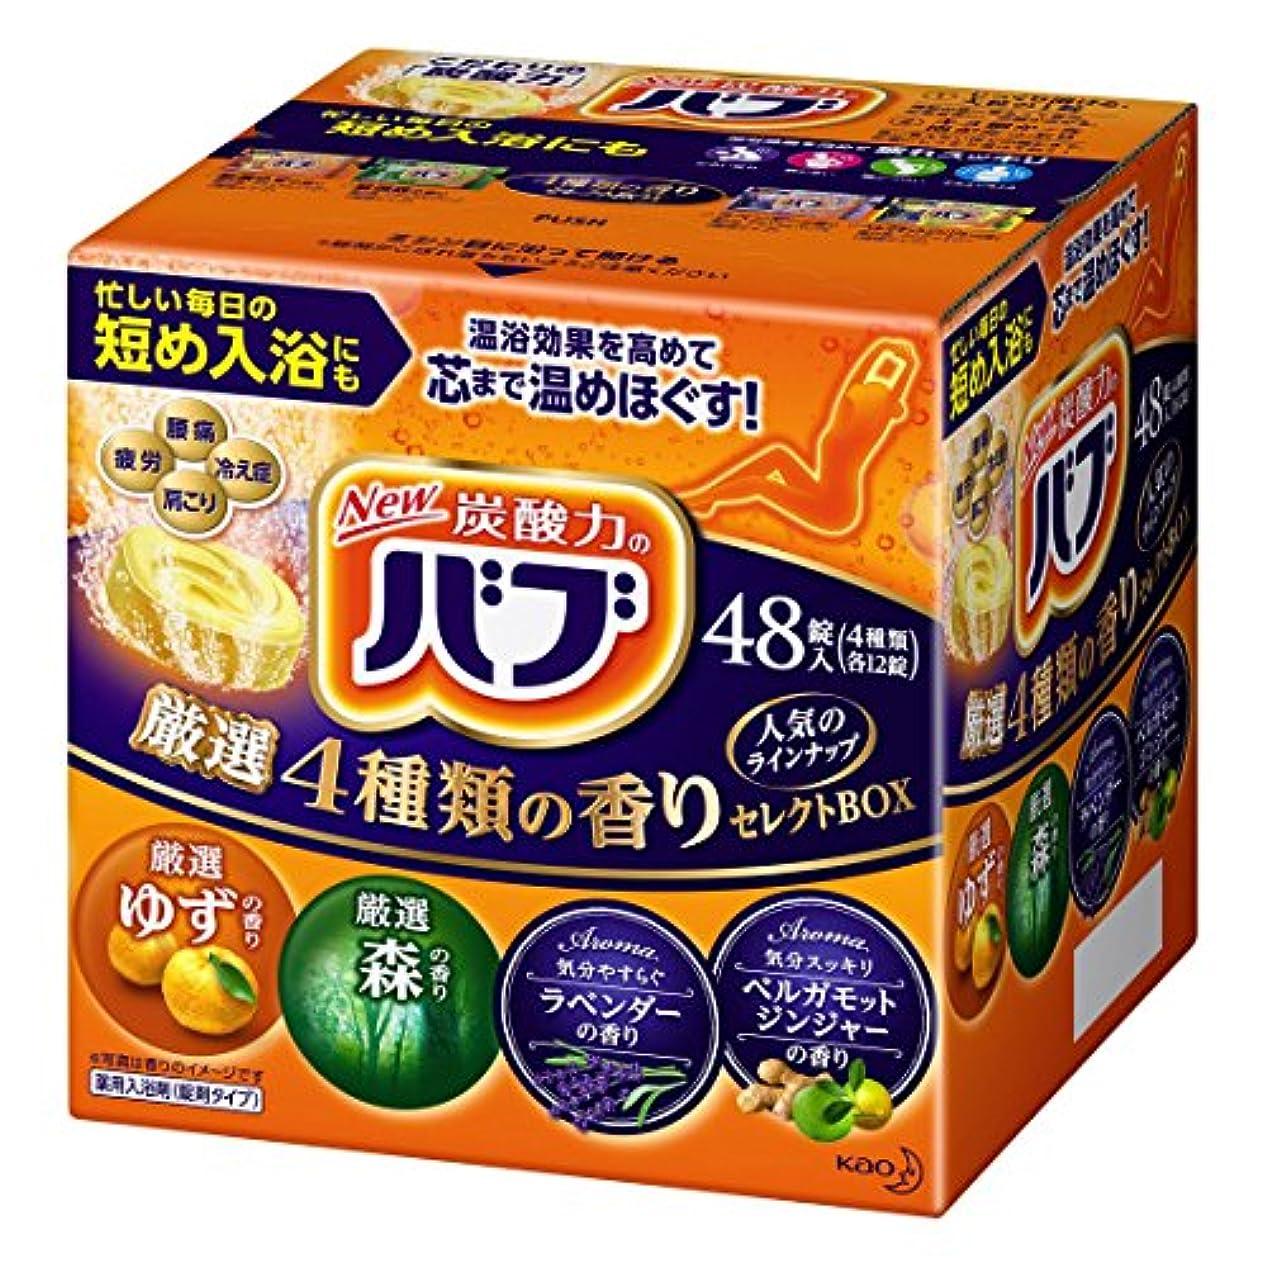 トレース信条涙が出る【大容量】バブ 厳選4種類の香りセレクトBOX 48錠 炭酸 入浴剤